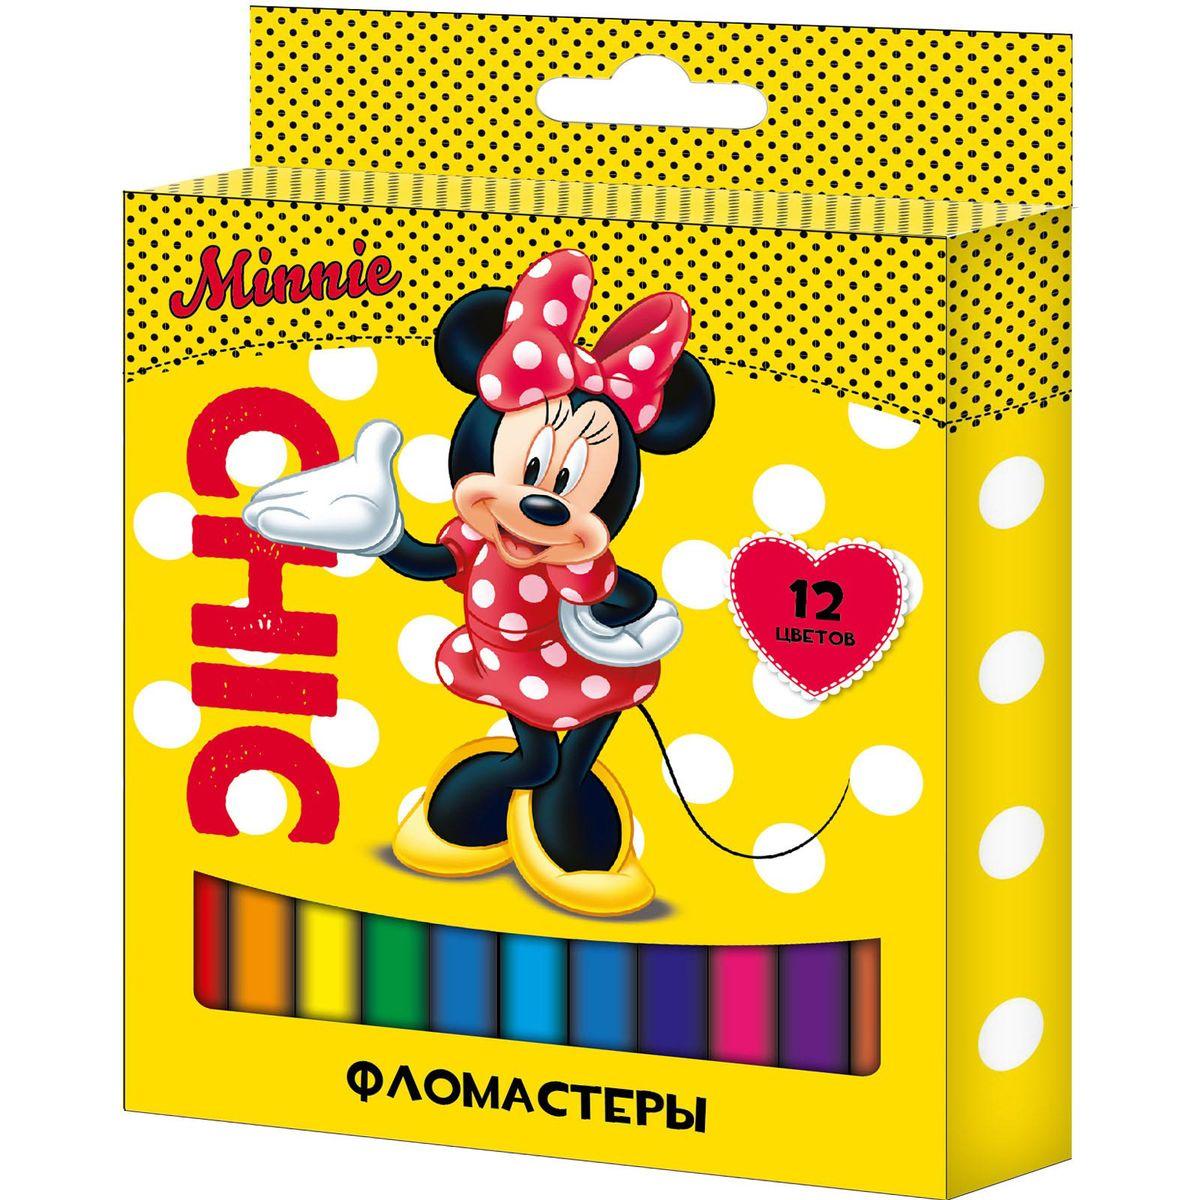 Disney Набор фломастеров Минни 12 цветов72523WDНабор фломастеров Disney Минни поможет вашему ребенку создать неповторимые яркие картинки, а упаковка с любимой героиней будет долгое время радовать малышку.Фломастеры снабжены вентилируемыми колпачками, безопасными для детей. Изготовлены из материала, обеспечивающего прочность корпуса и препятствующего испарению чернил, благодаря этому фломастеры имеют гарантированно долгий срок службы: корпус не ломается, даже если согнуть фломастер пополам.